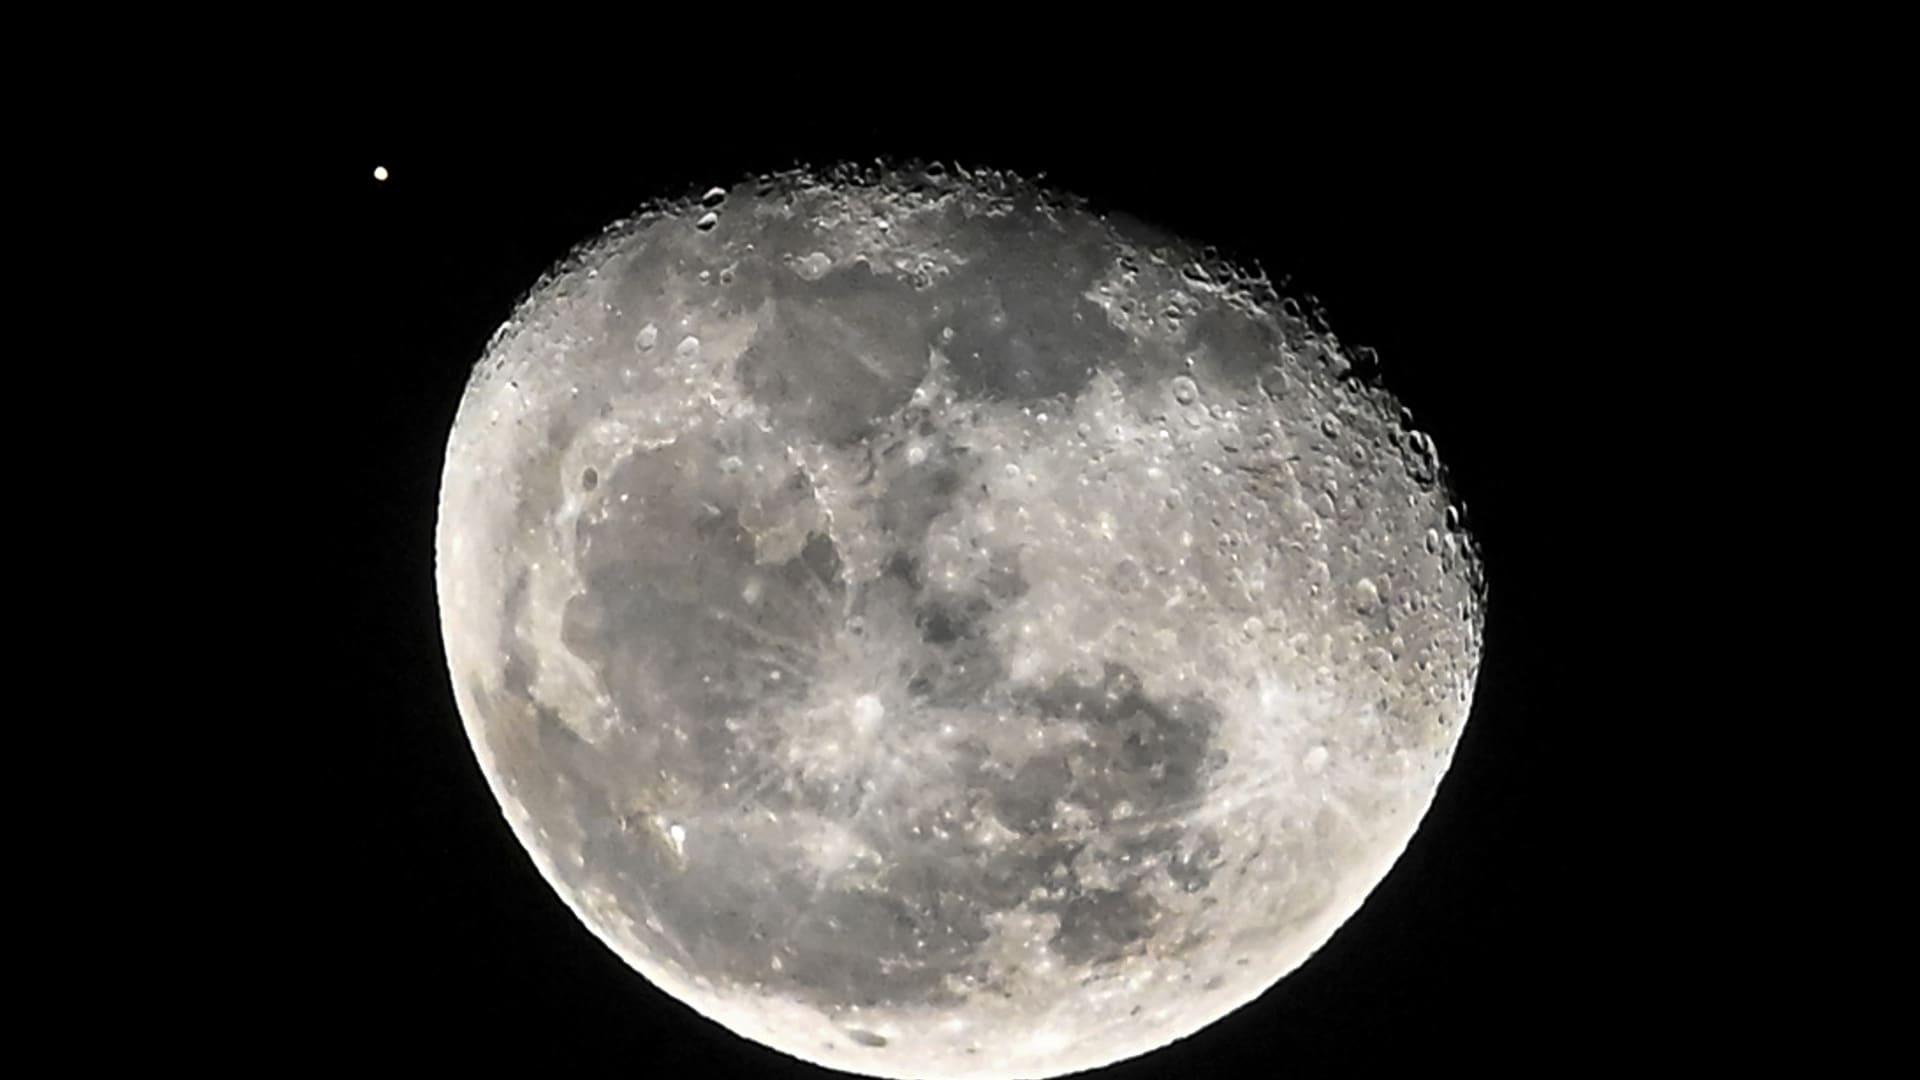 ناسا تخطط لشراء صخور وغبار من على سطح القمر